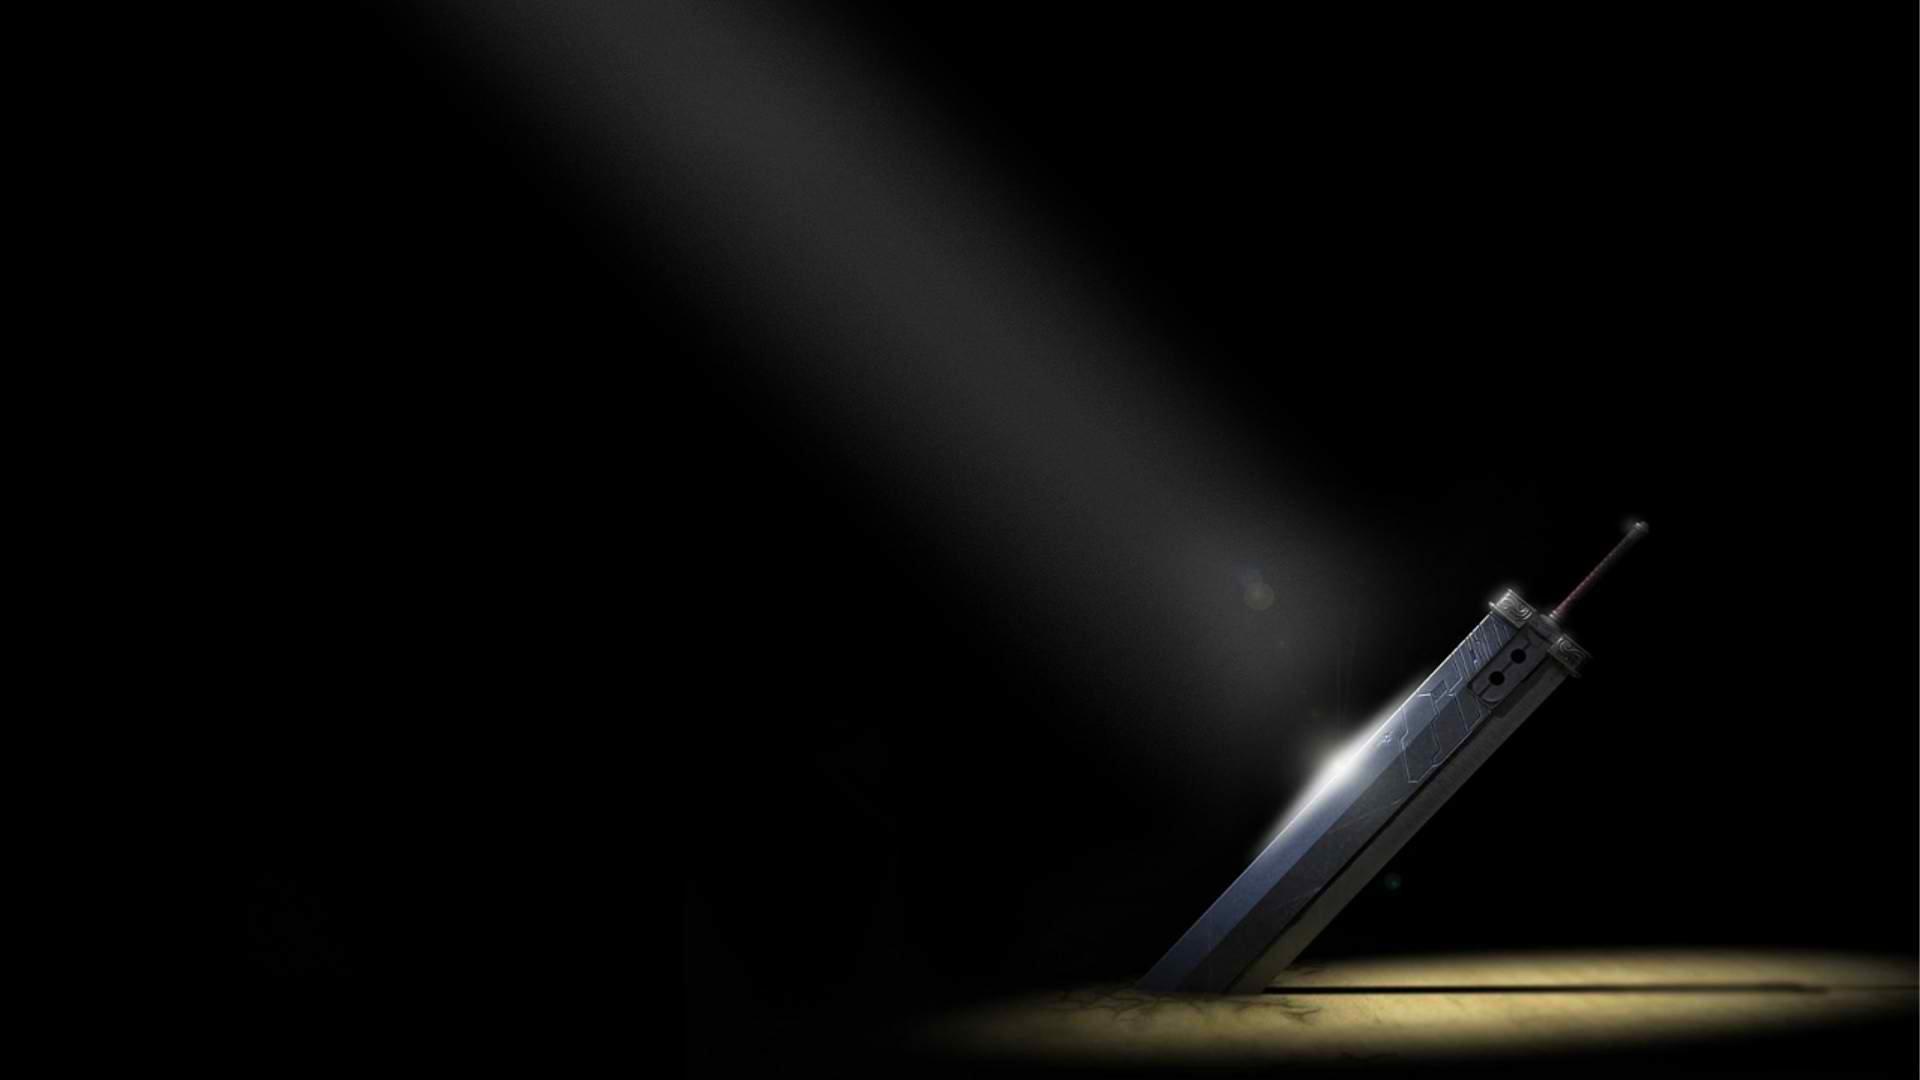 High Resolution Final Fantasy VII (FF7) Full Hd 1920x1080